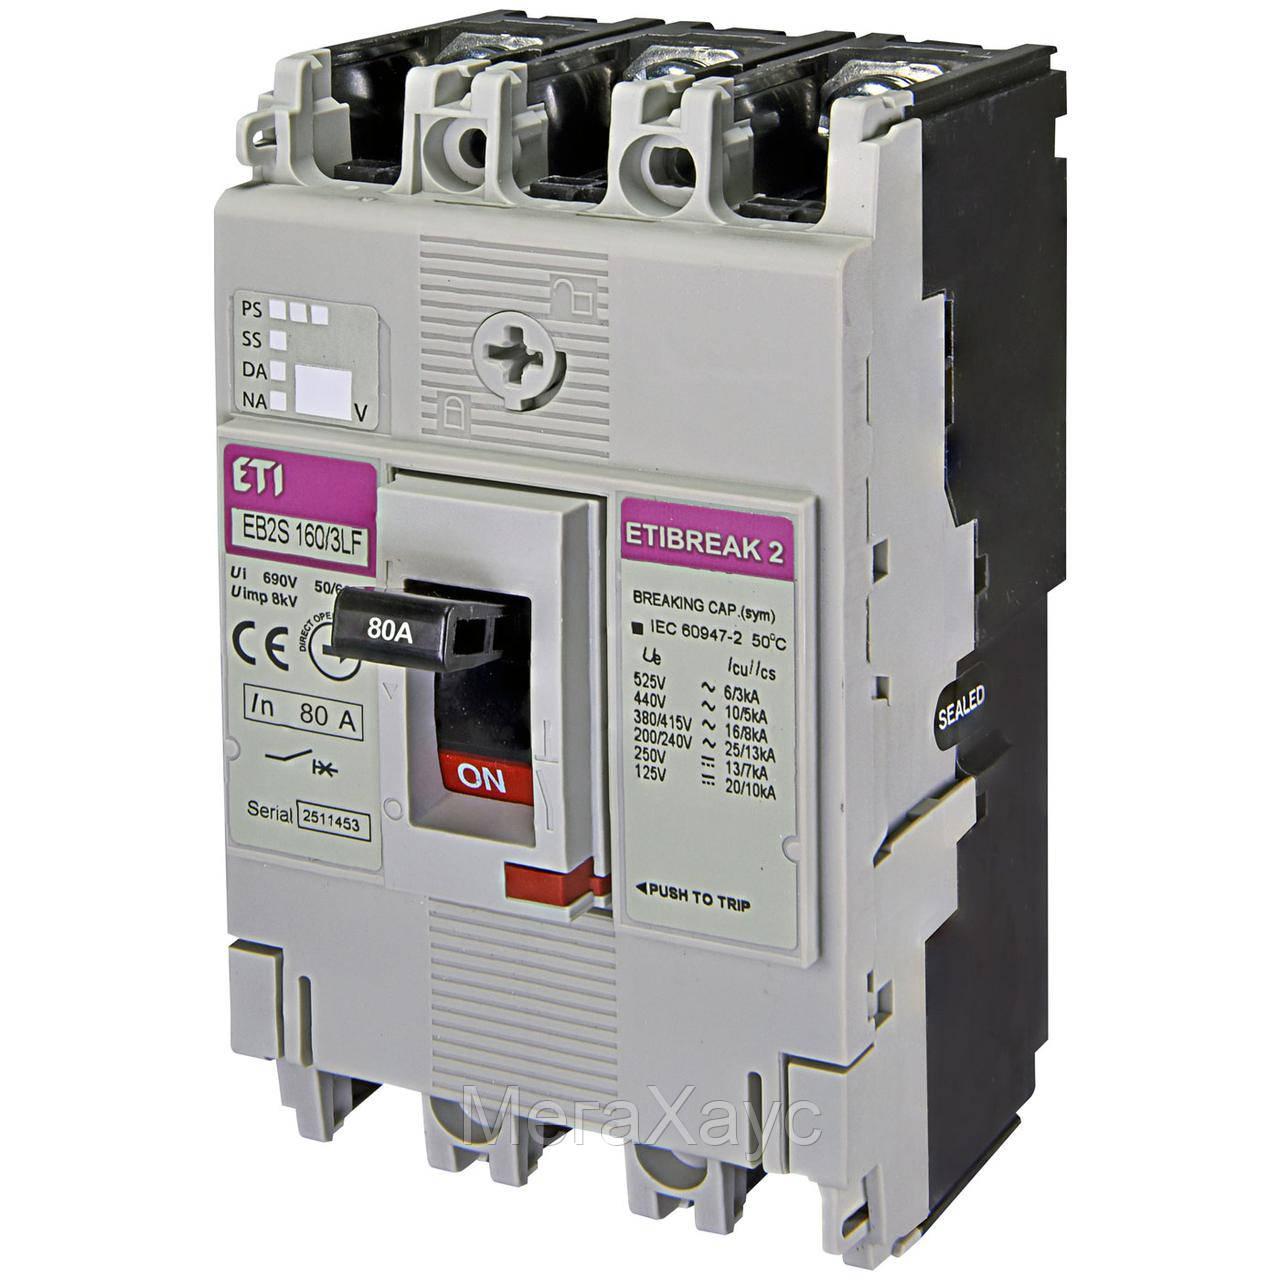 Промышленный автоматический выключатель ETI ETIBREAK EB2S 160/3LF  80А 3P